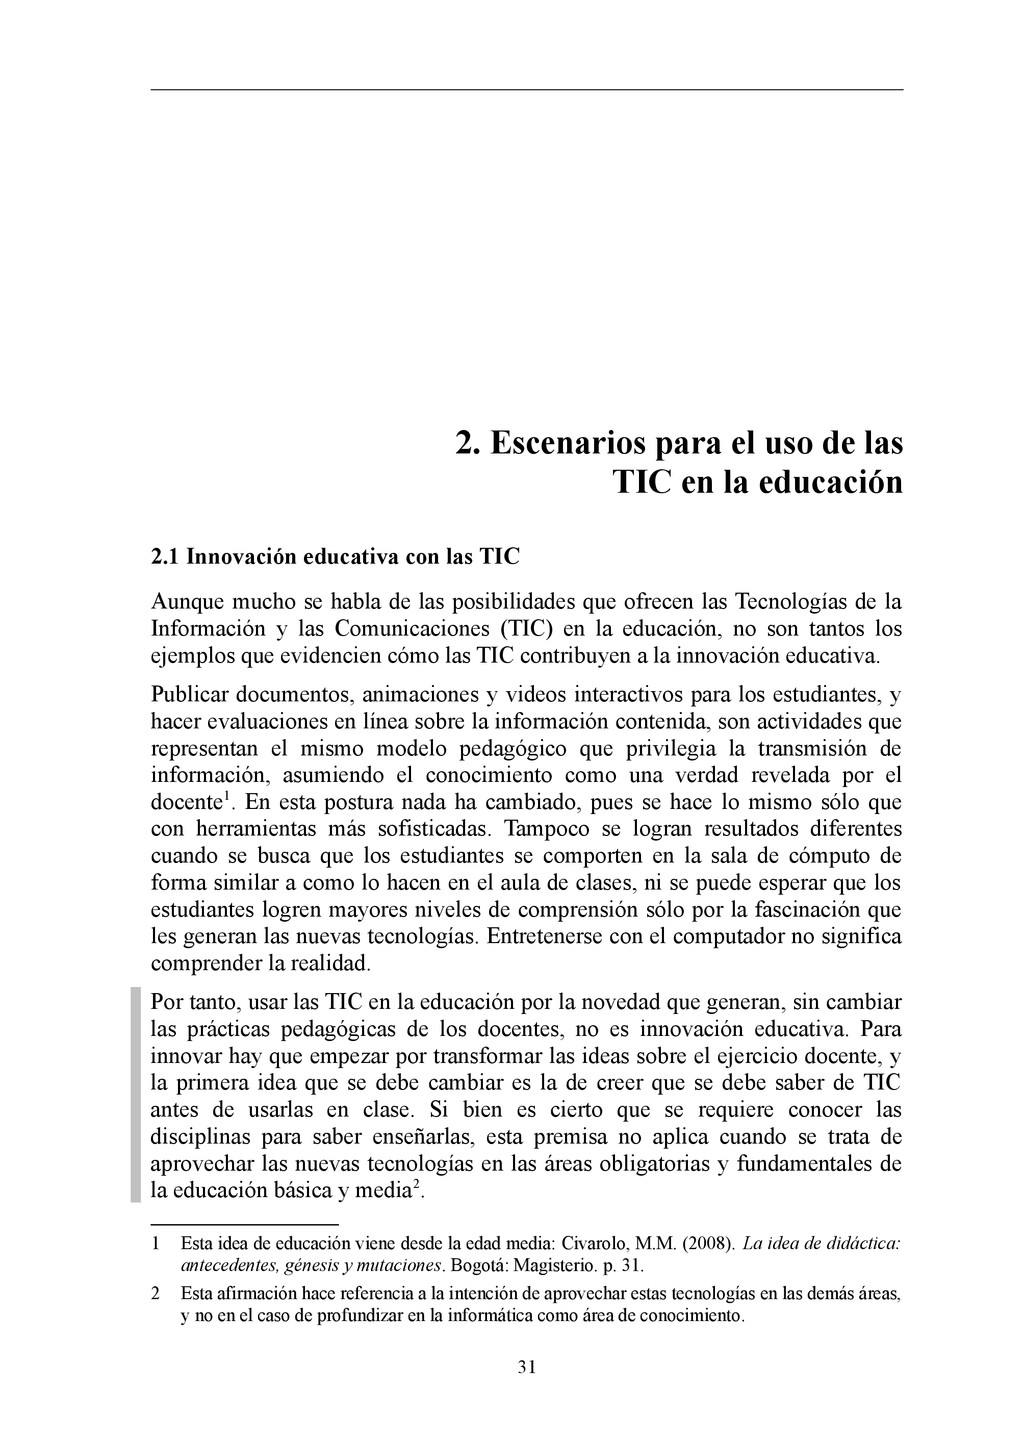 2. Escenarios para el uso de las TIC en la educ...